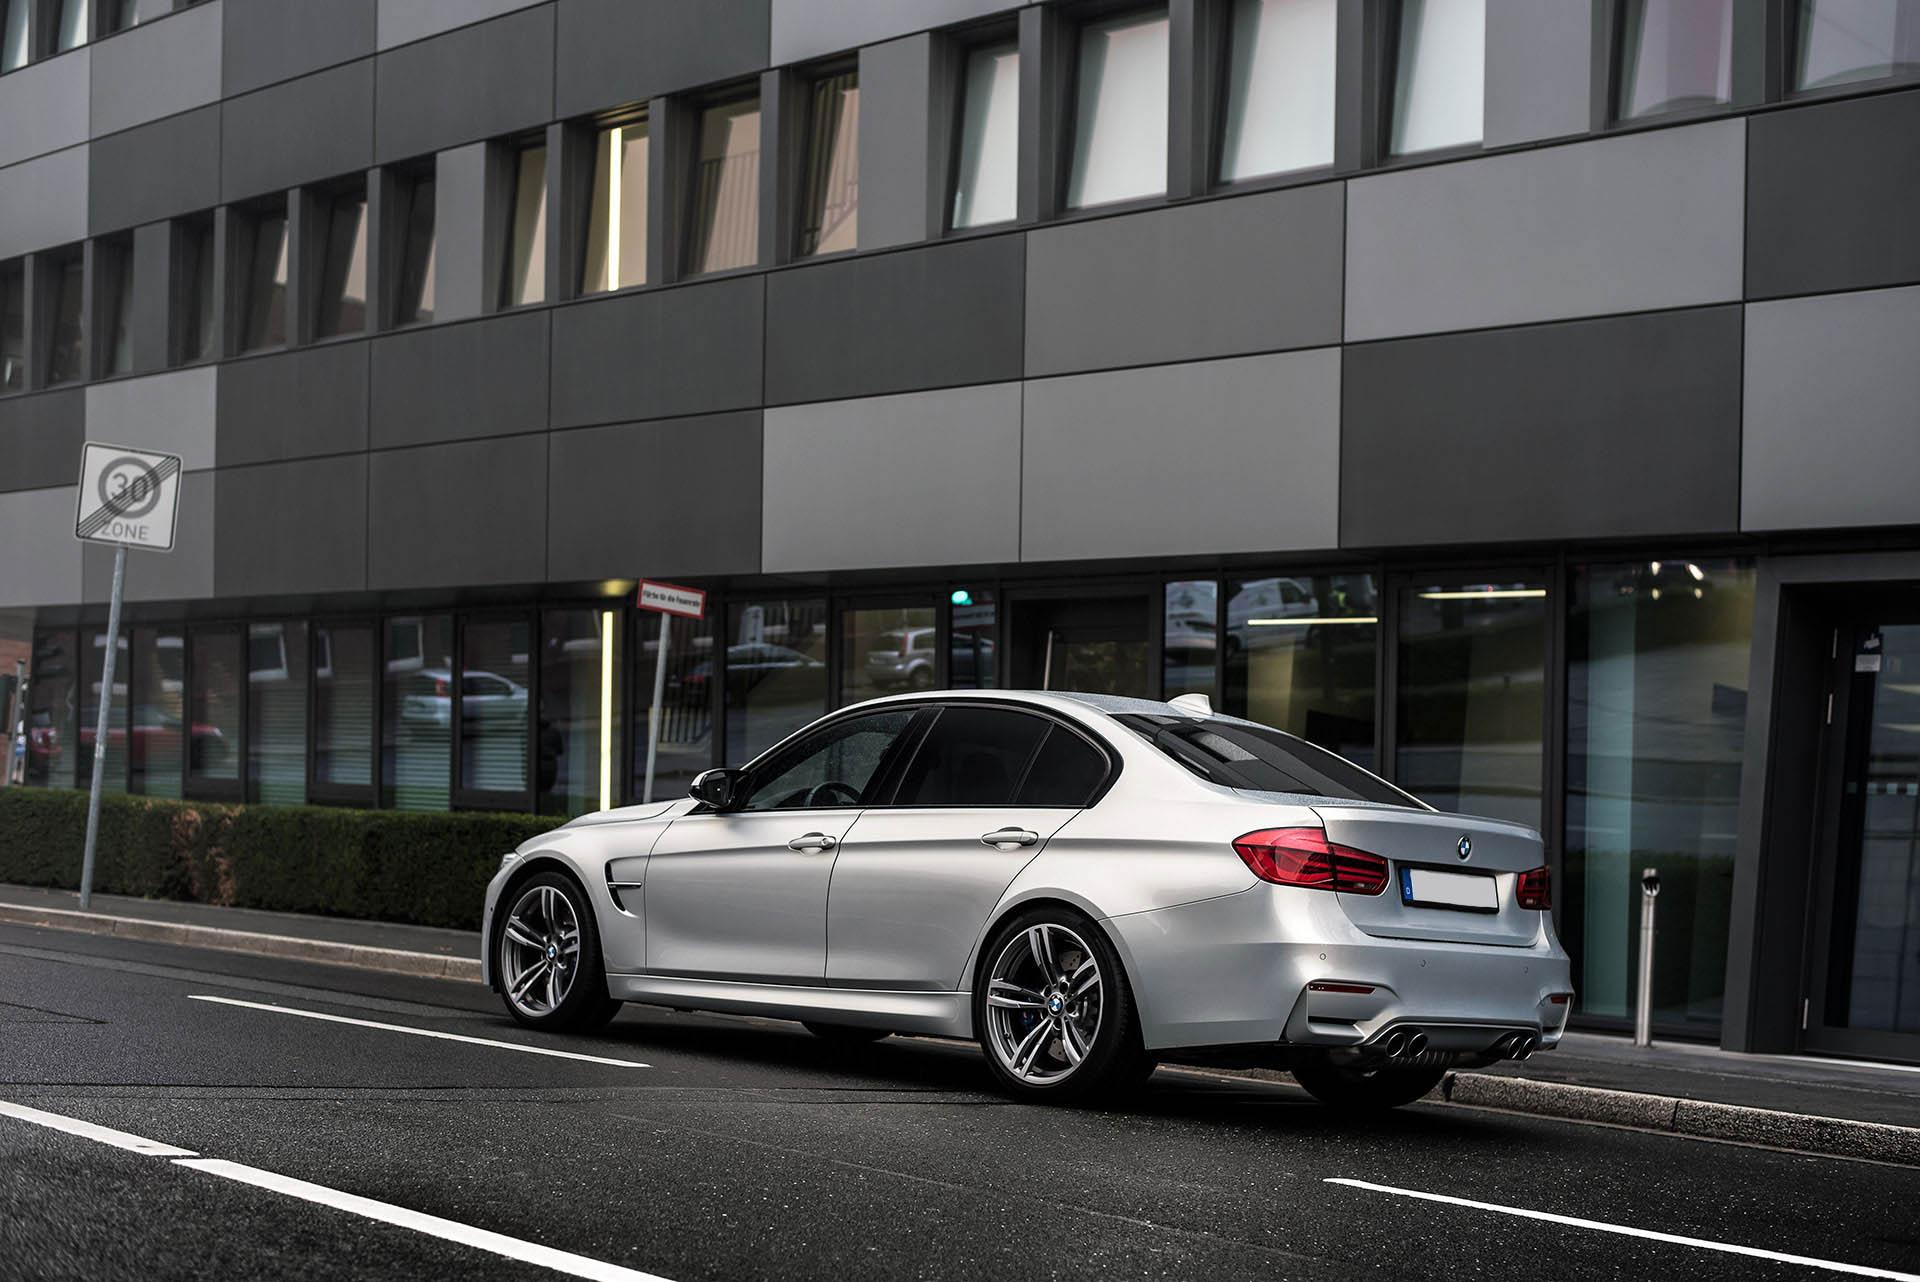 B&K_Sportwagen_Rheinland_GmbH_BMW_M3_Silber_16